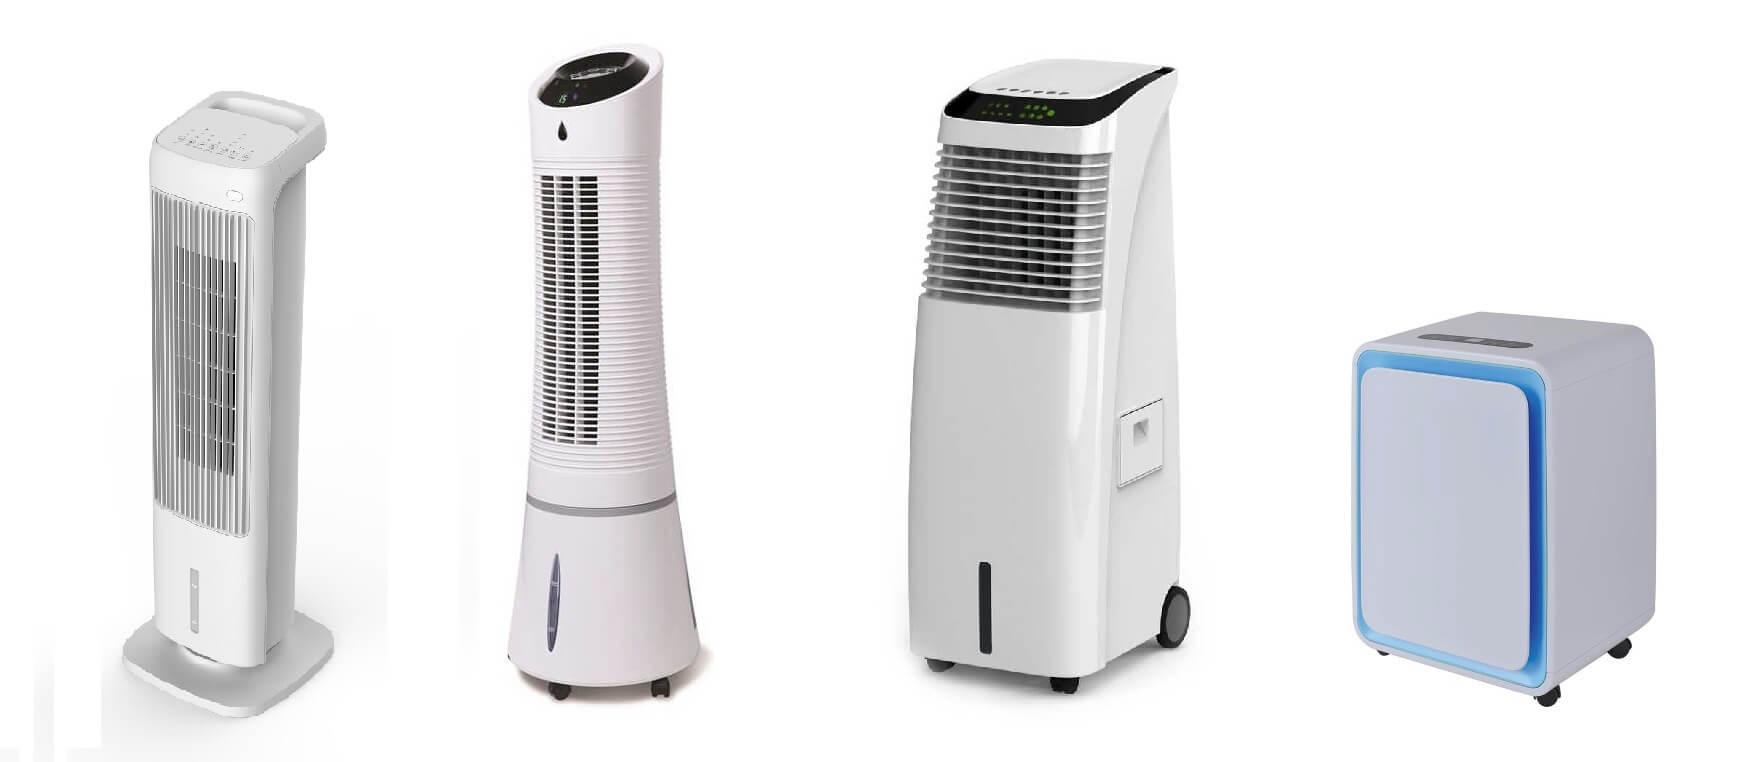 klimatyzery, wentylatory oraz osuszacze powietrza